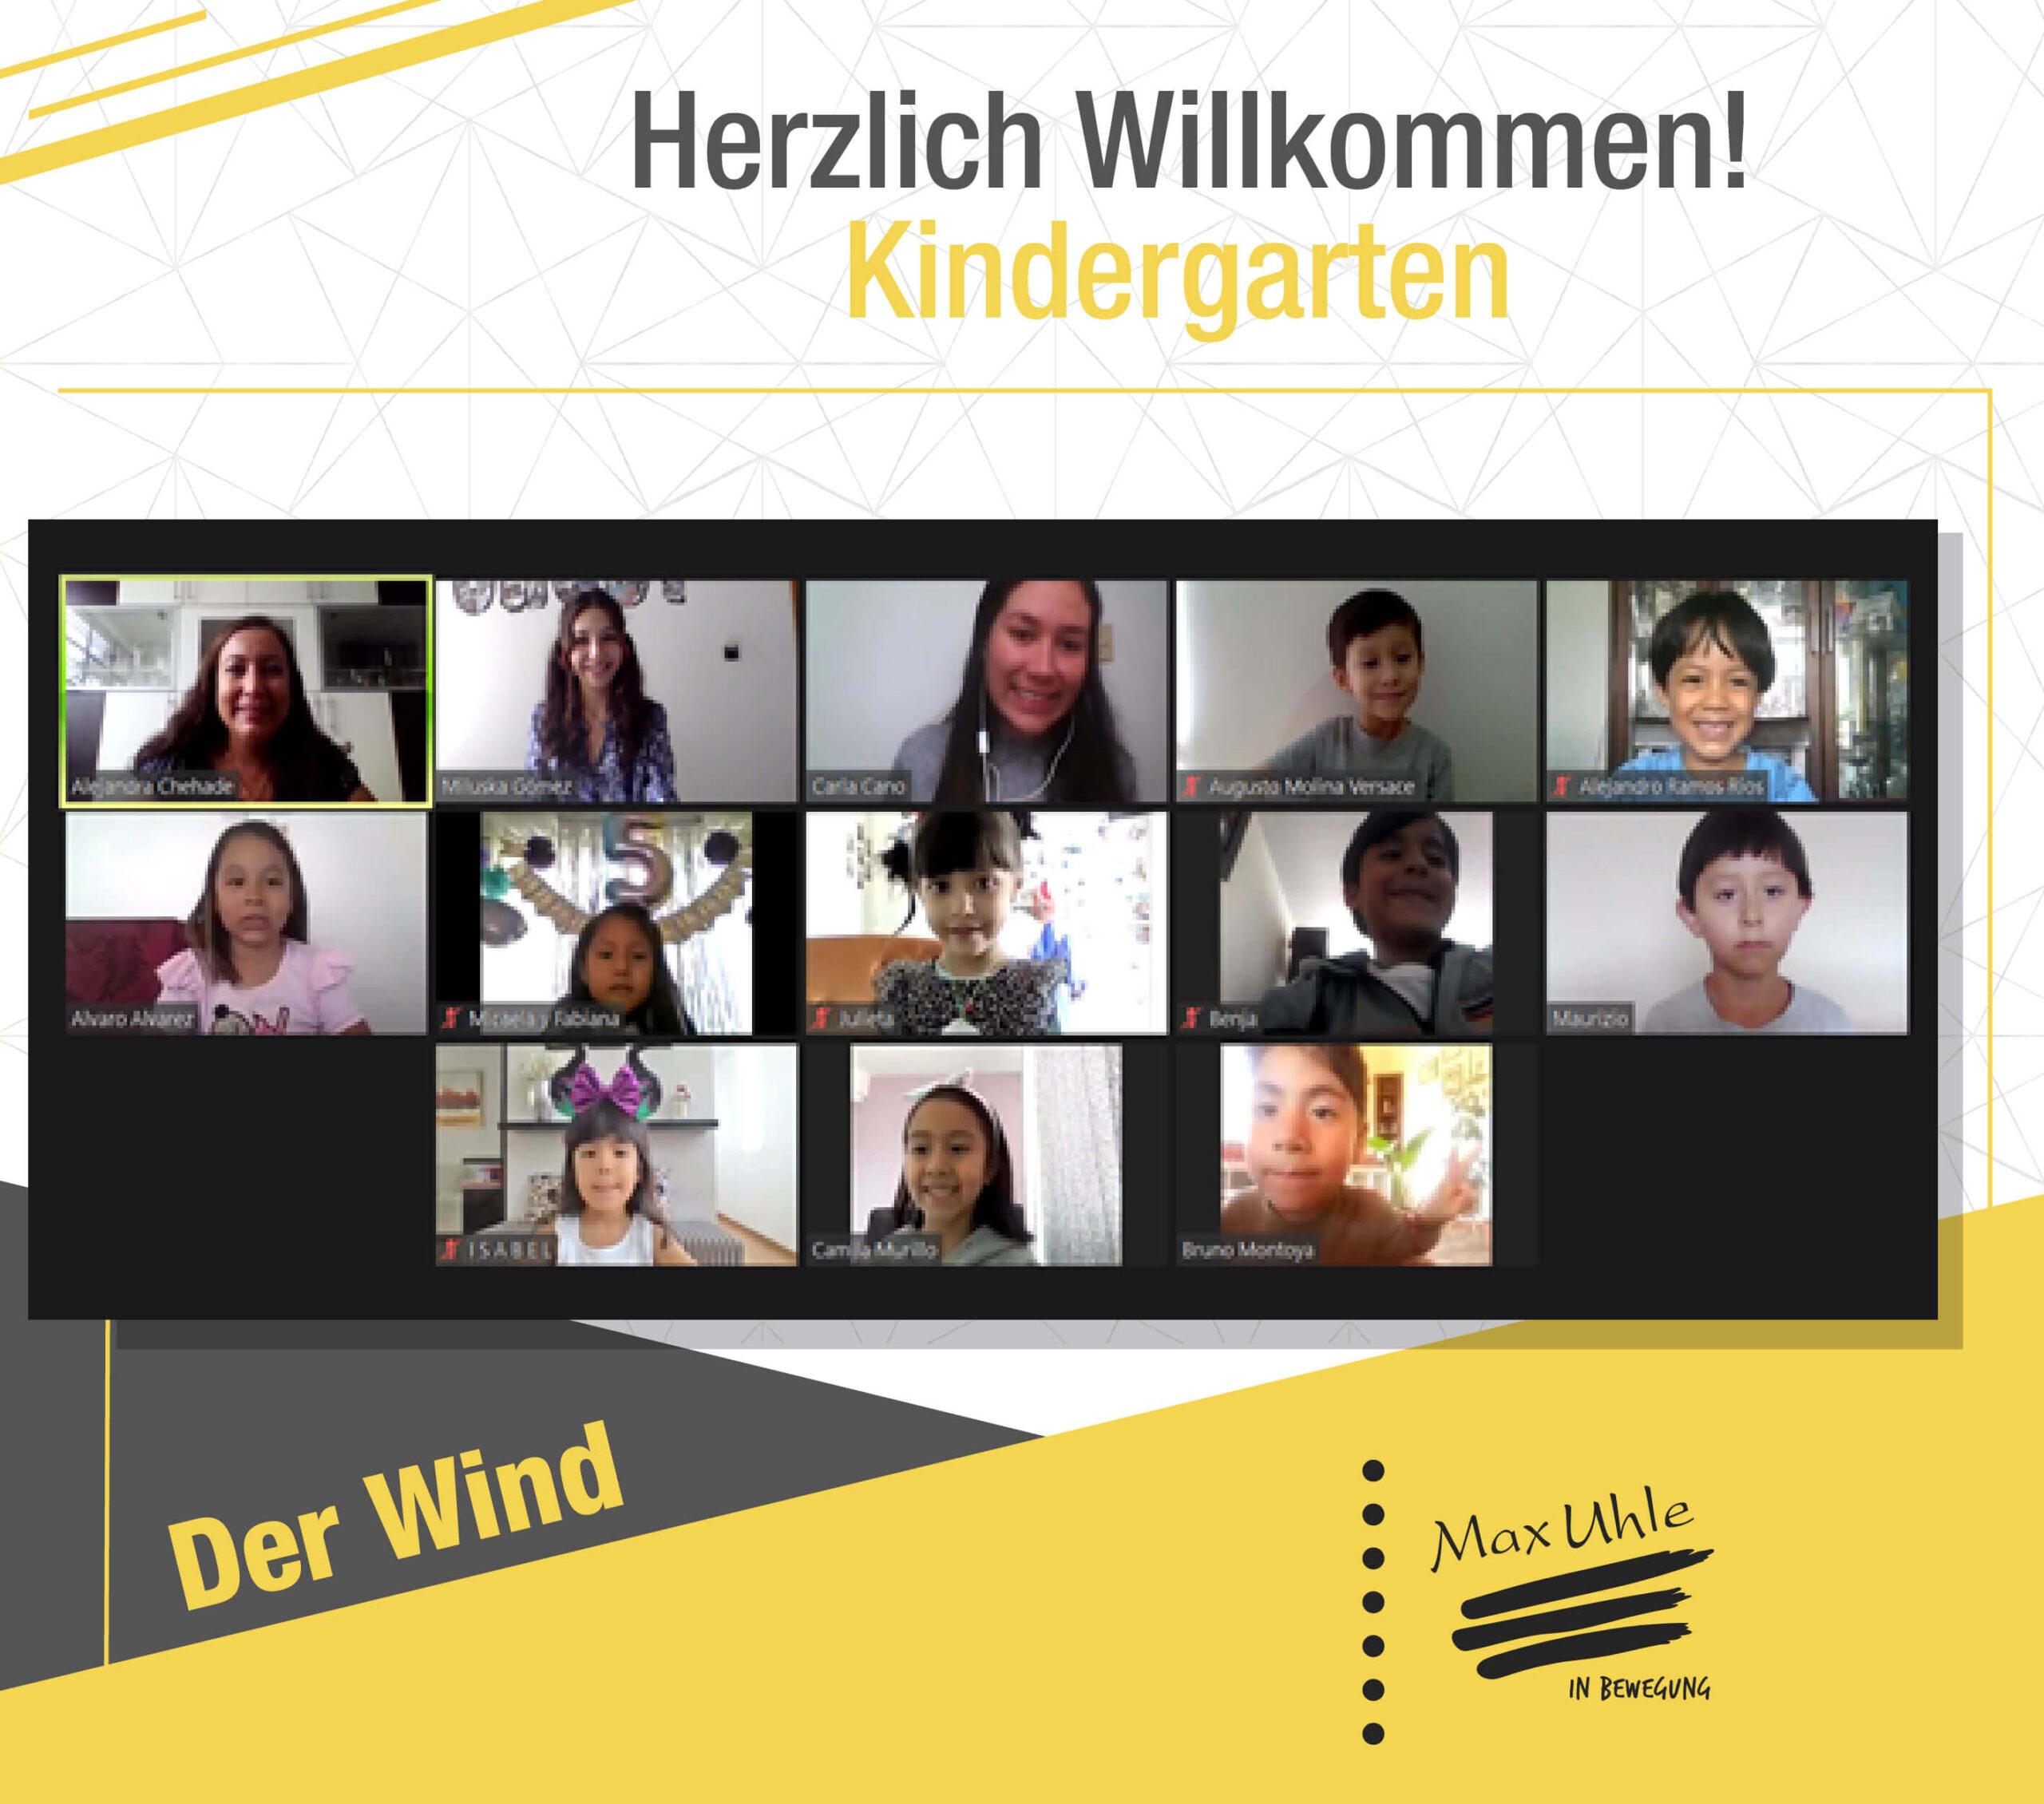 regreso a clases 2021 kindergarten der wind 2